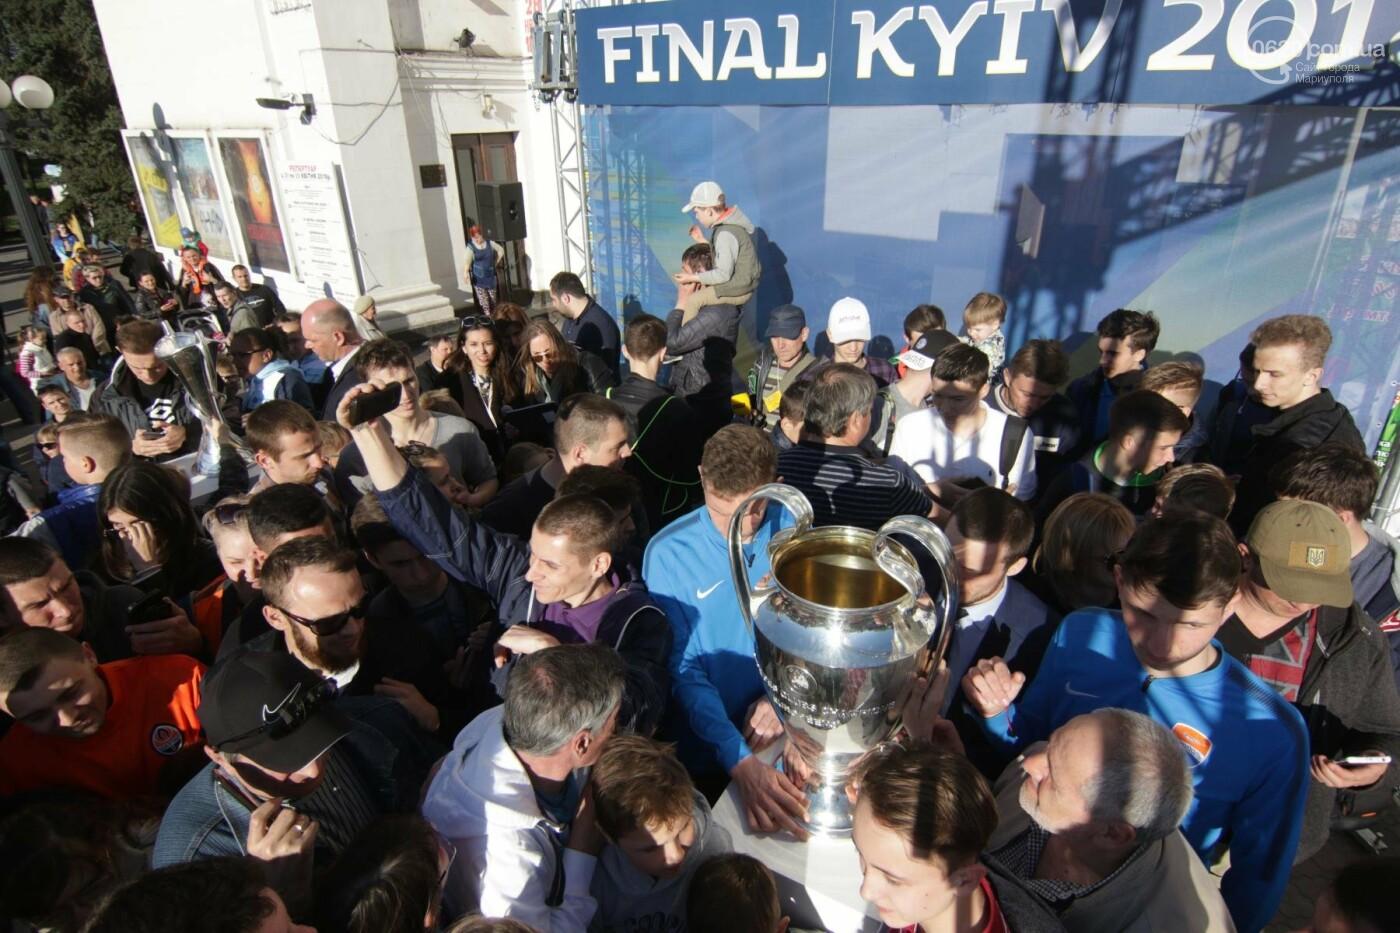 Сотни мариупольцев штурмовали сцену перед драмтеатром ради кубка Лиги чемпионов (ФОТОРЕПОРТАЖ+ВИДЕО), фото-17